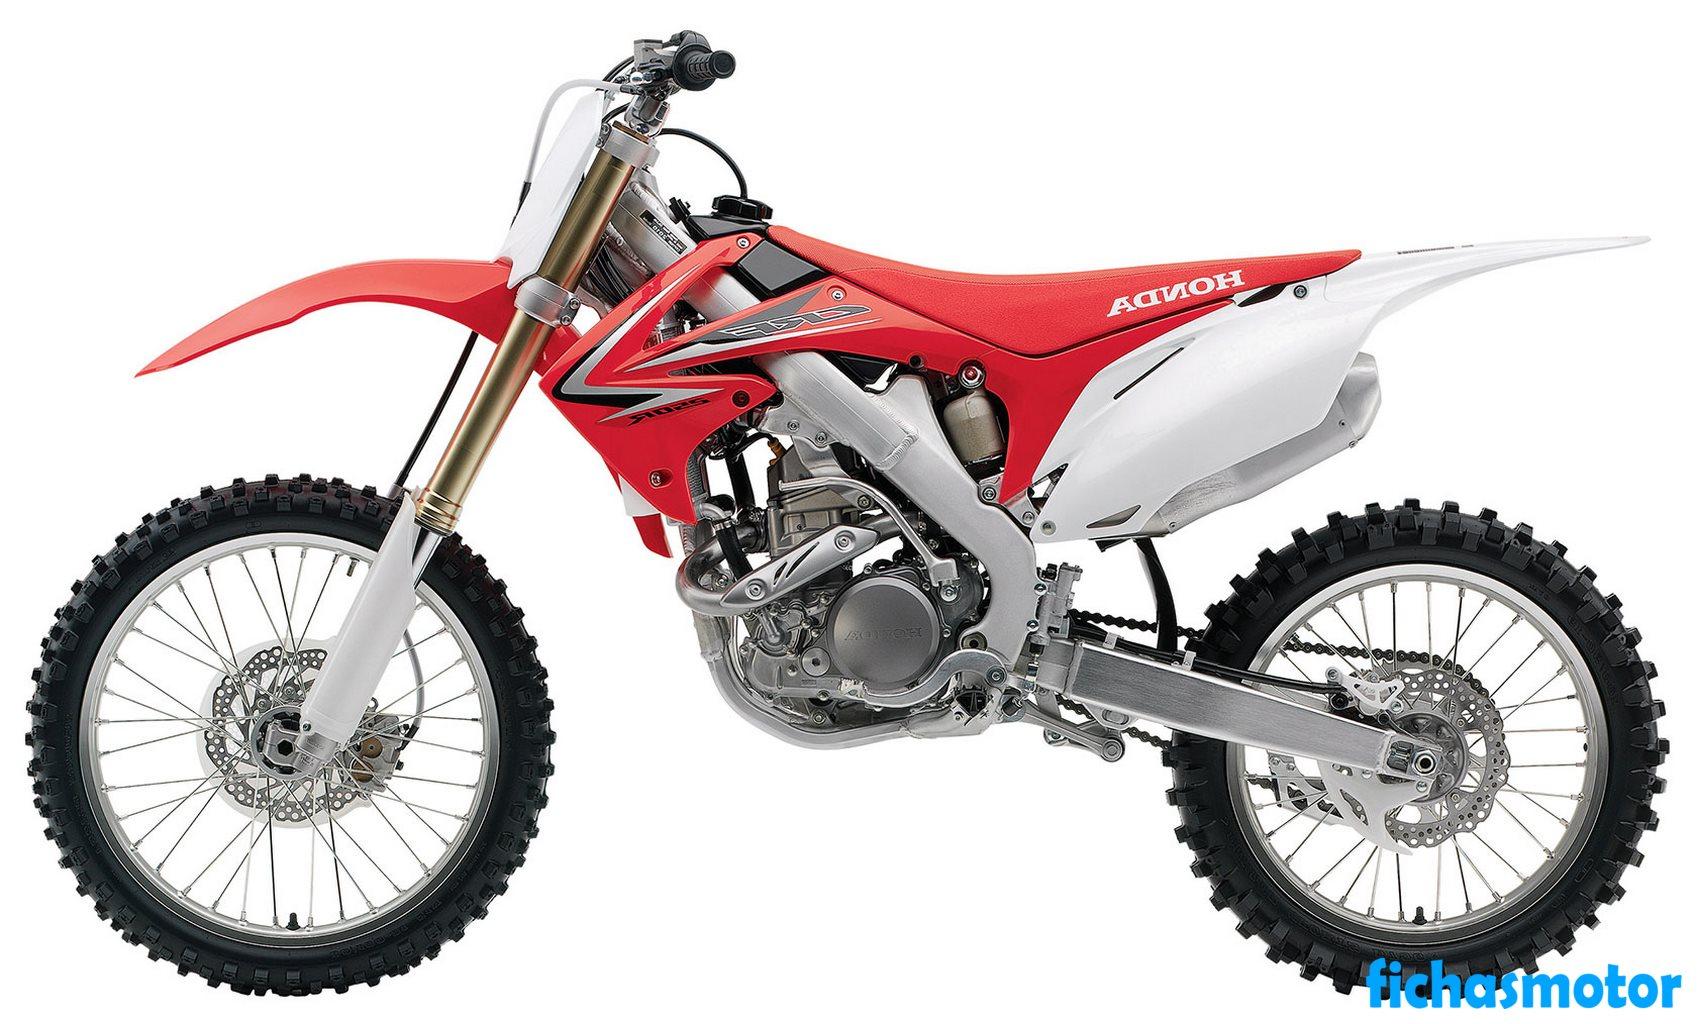 Ficha técnica Honda crf250r 2010